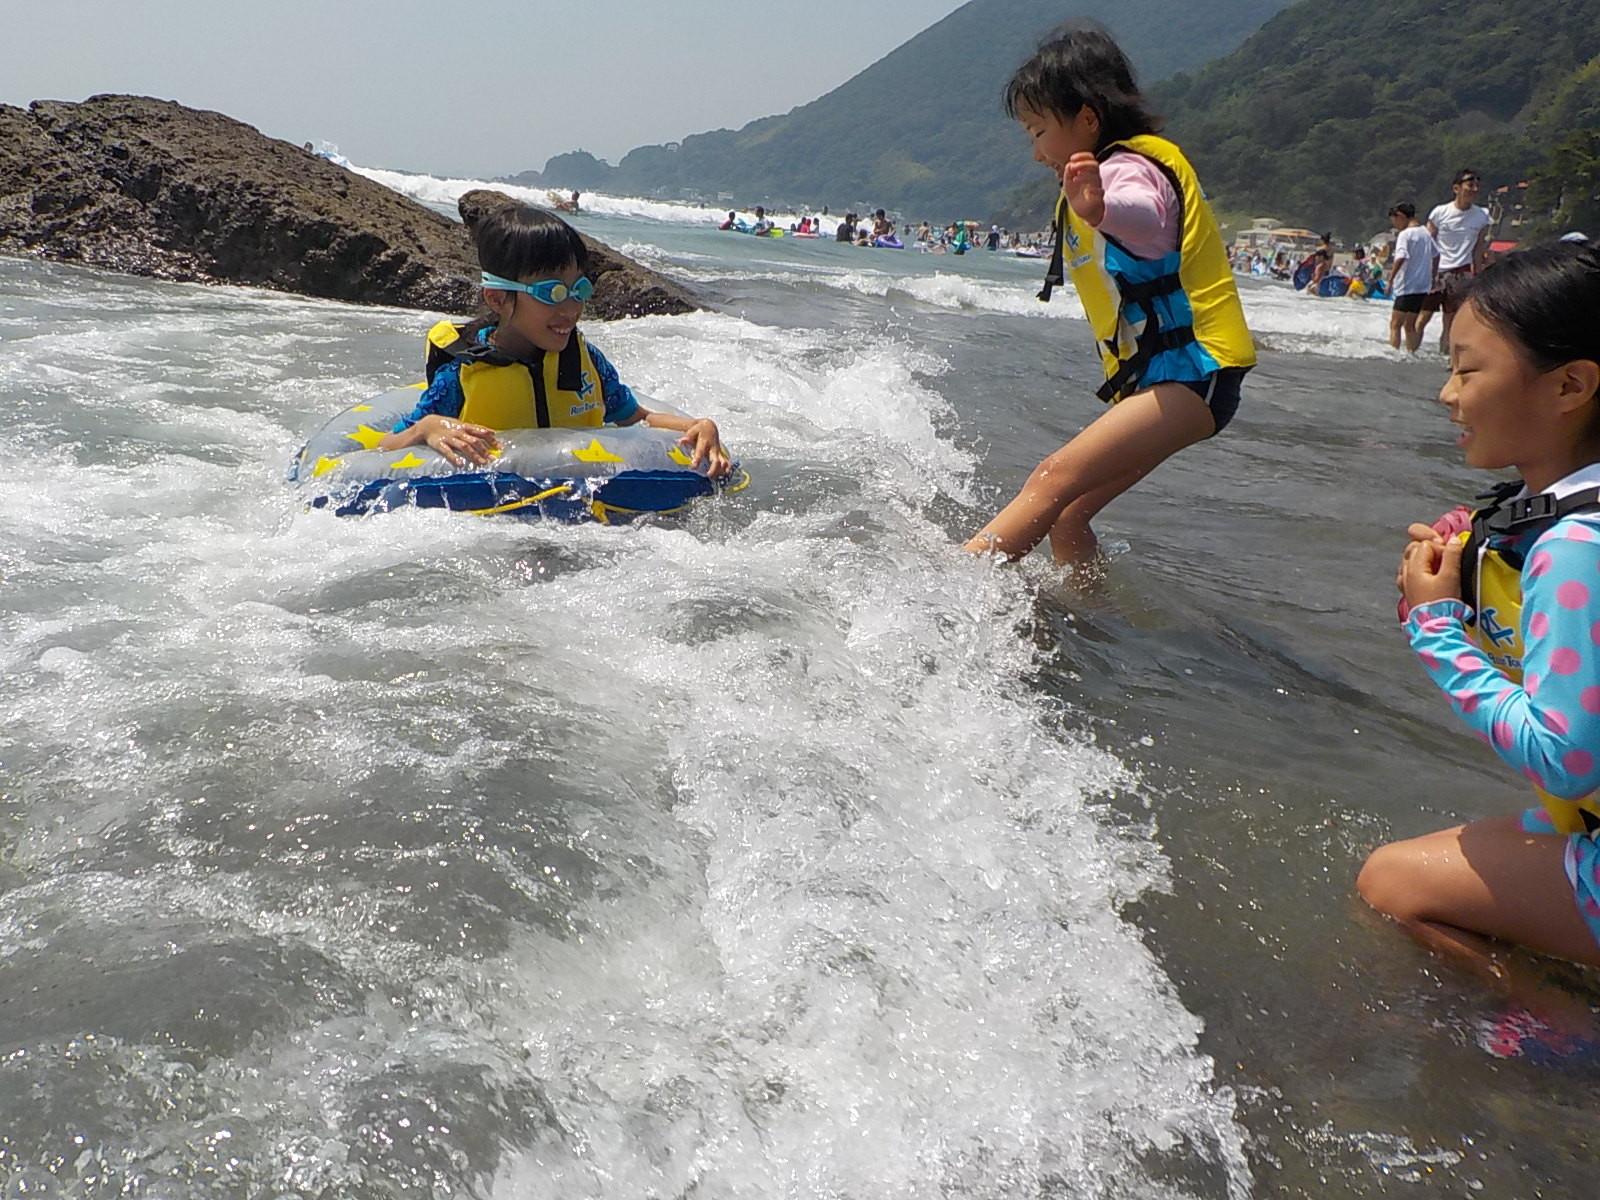 しかし、波に襲われなかなか沖に出れない。波酔いで気持ち悪くなる